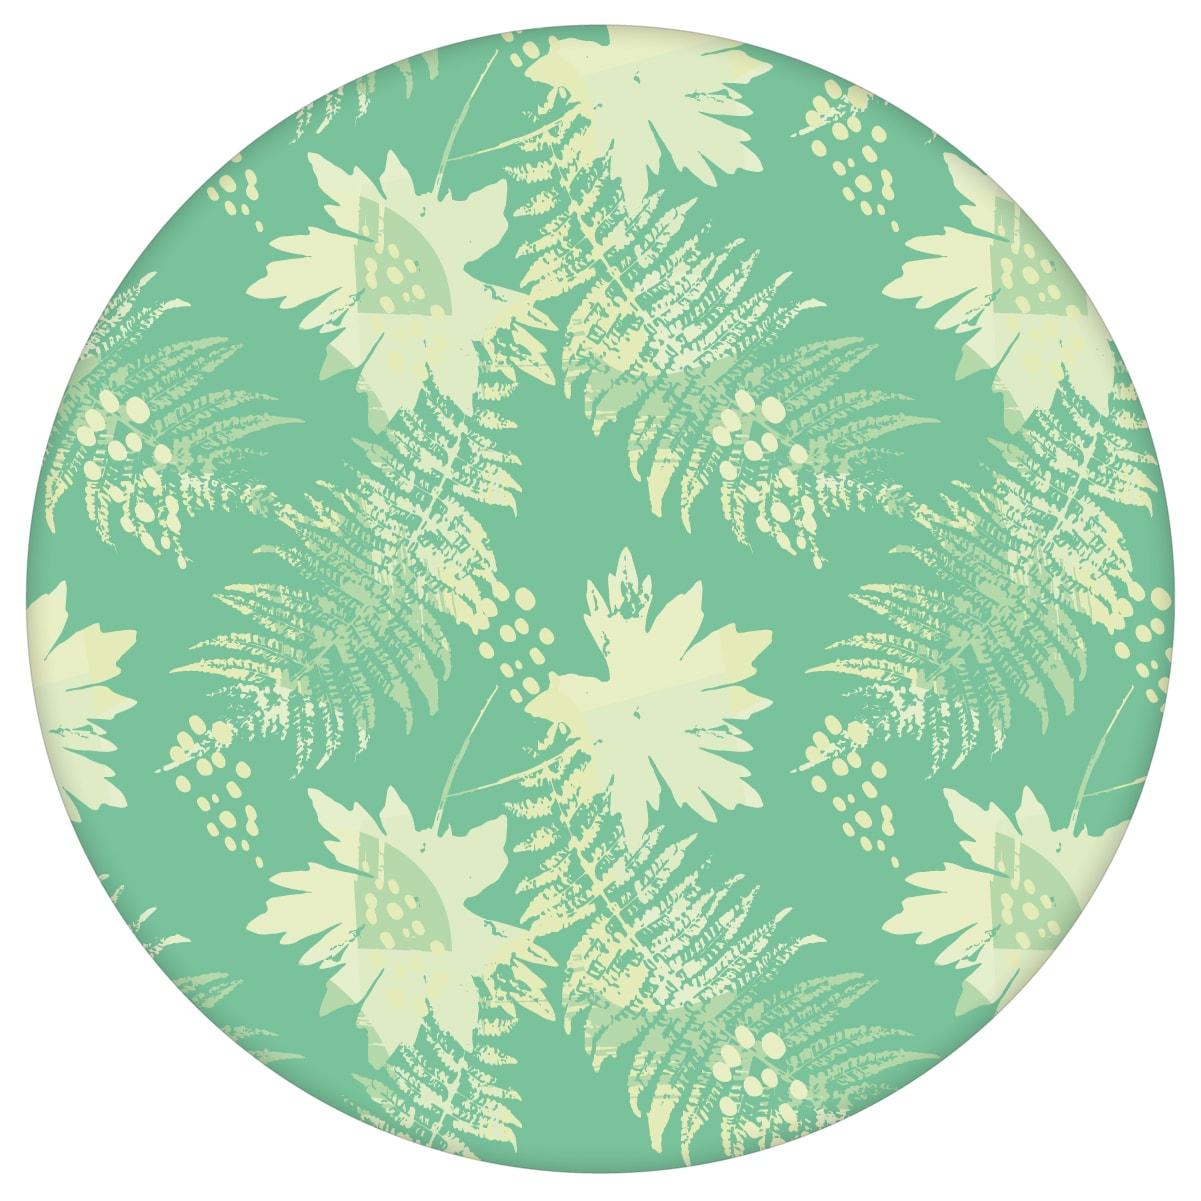 Wildflowers Blumentapete im Retro Look in grün - florale Tapete für Flur, Büro 1